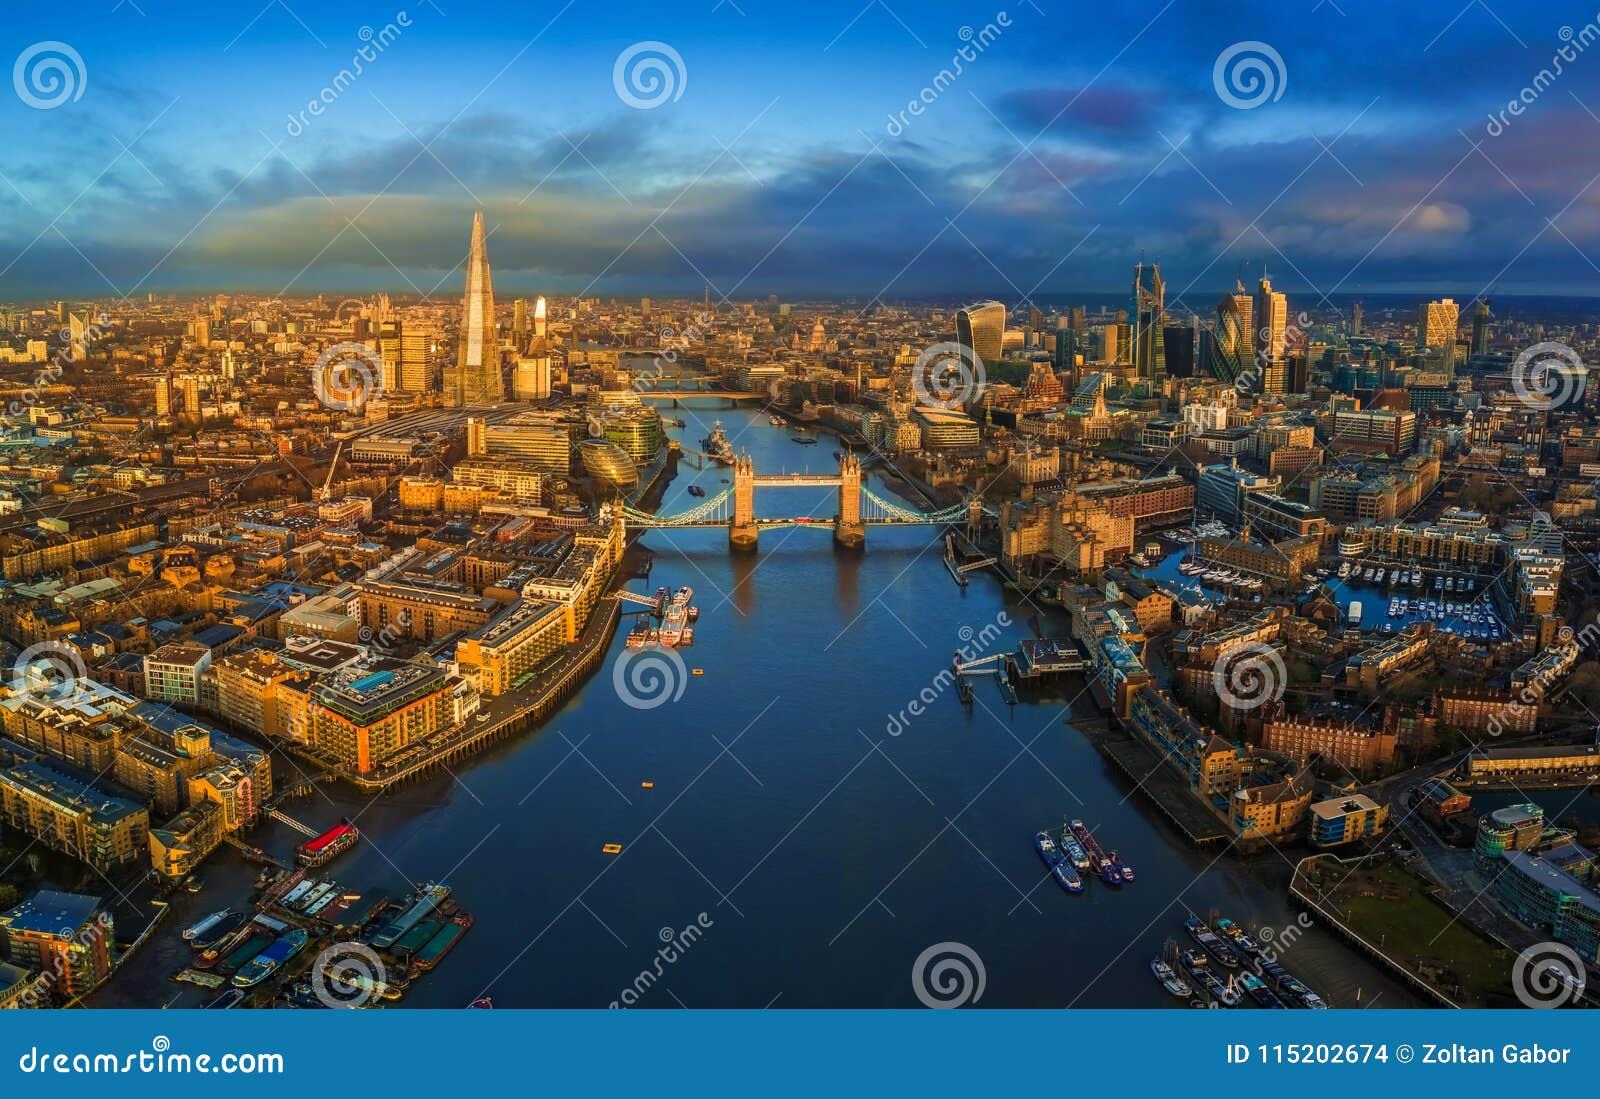 Londen, Engeland - Panoramische luchthorizonmening van Londen met inbegrip van iconische Torenbrug met rode dubbeldekkerbus